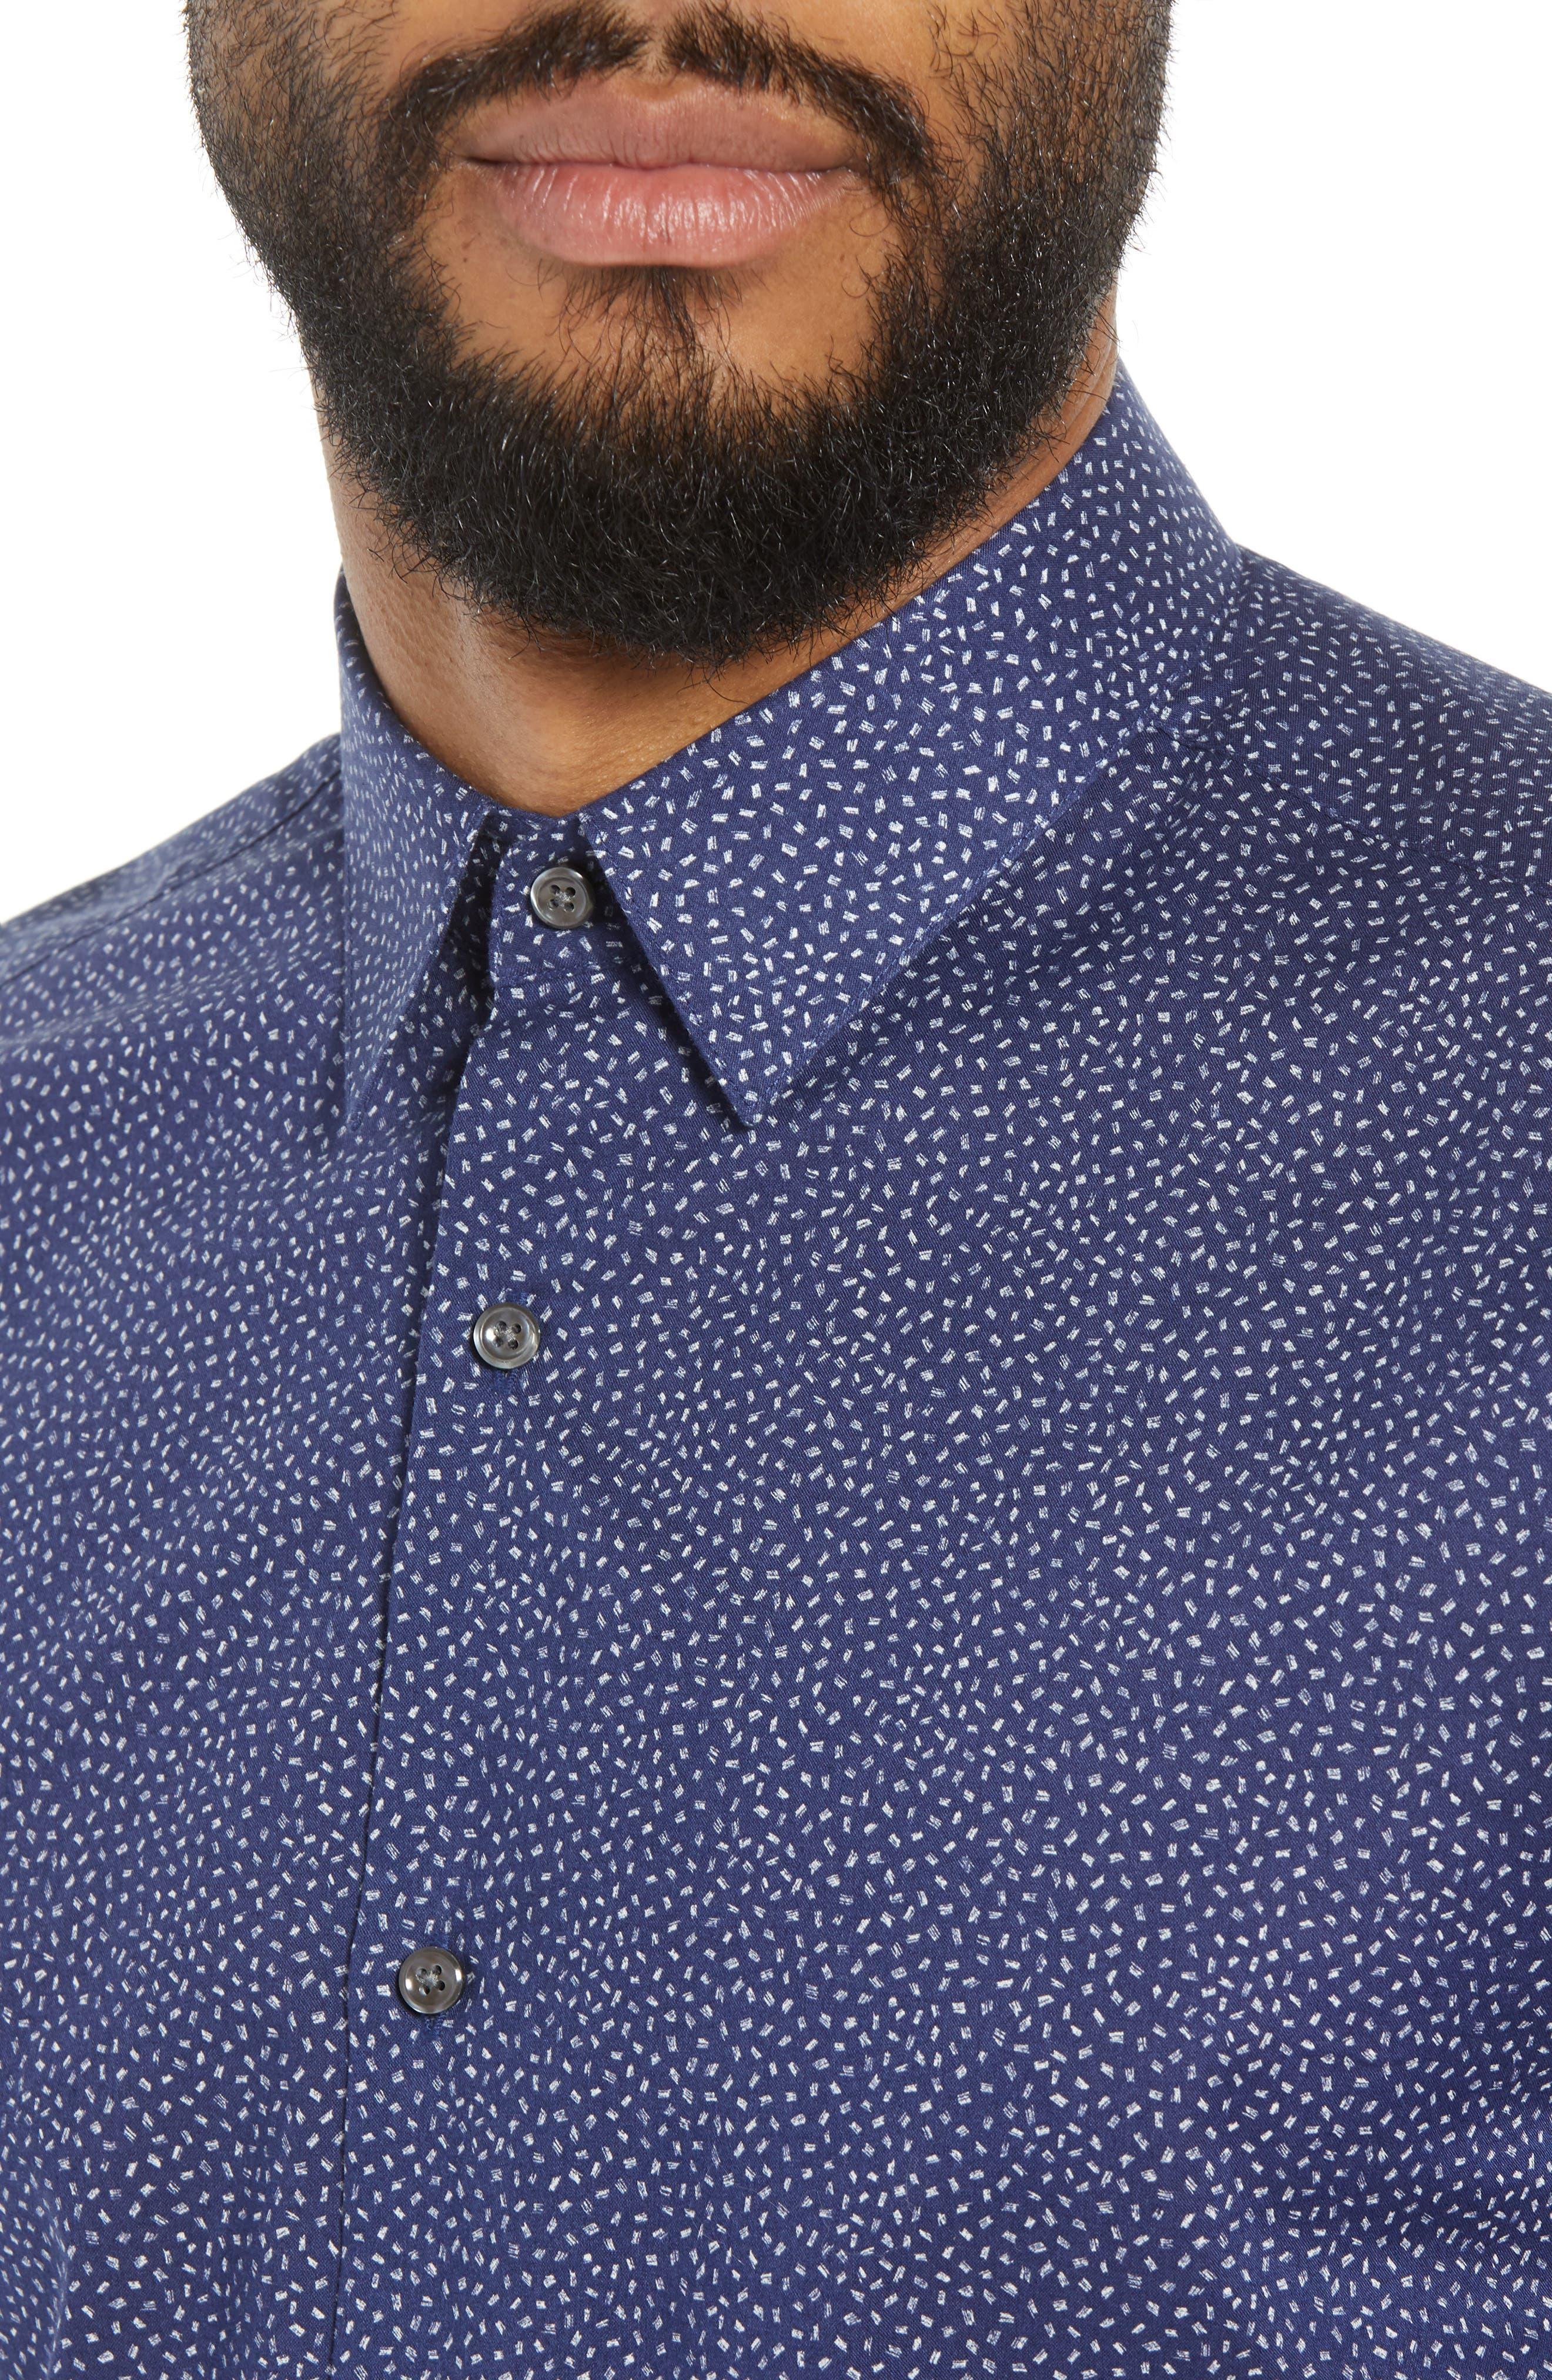 Murrary Trim Fit Print Sport Shirt,                             Alternate thumbnail 2, color,                             Eclipse